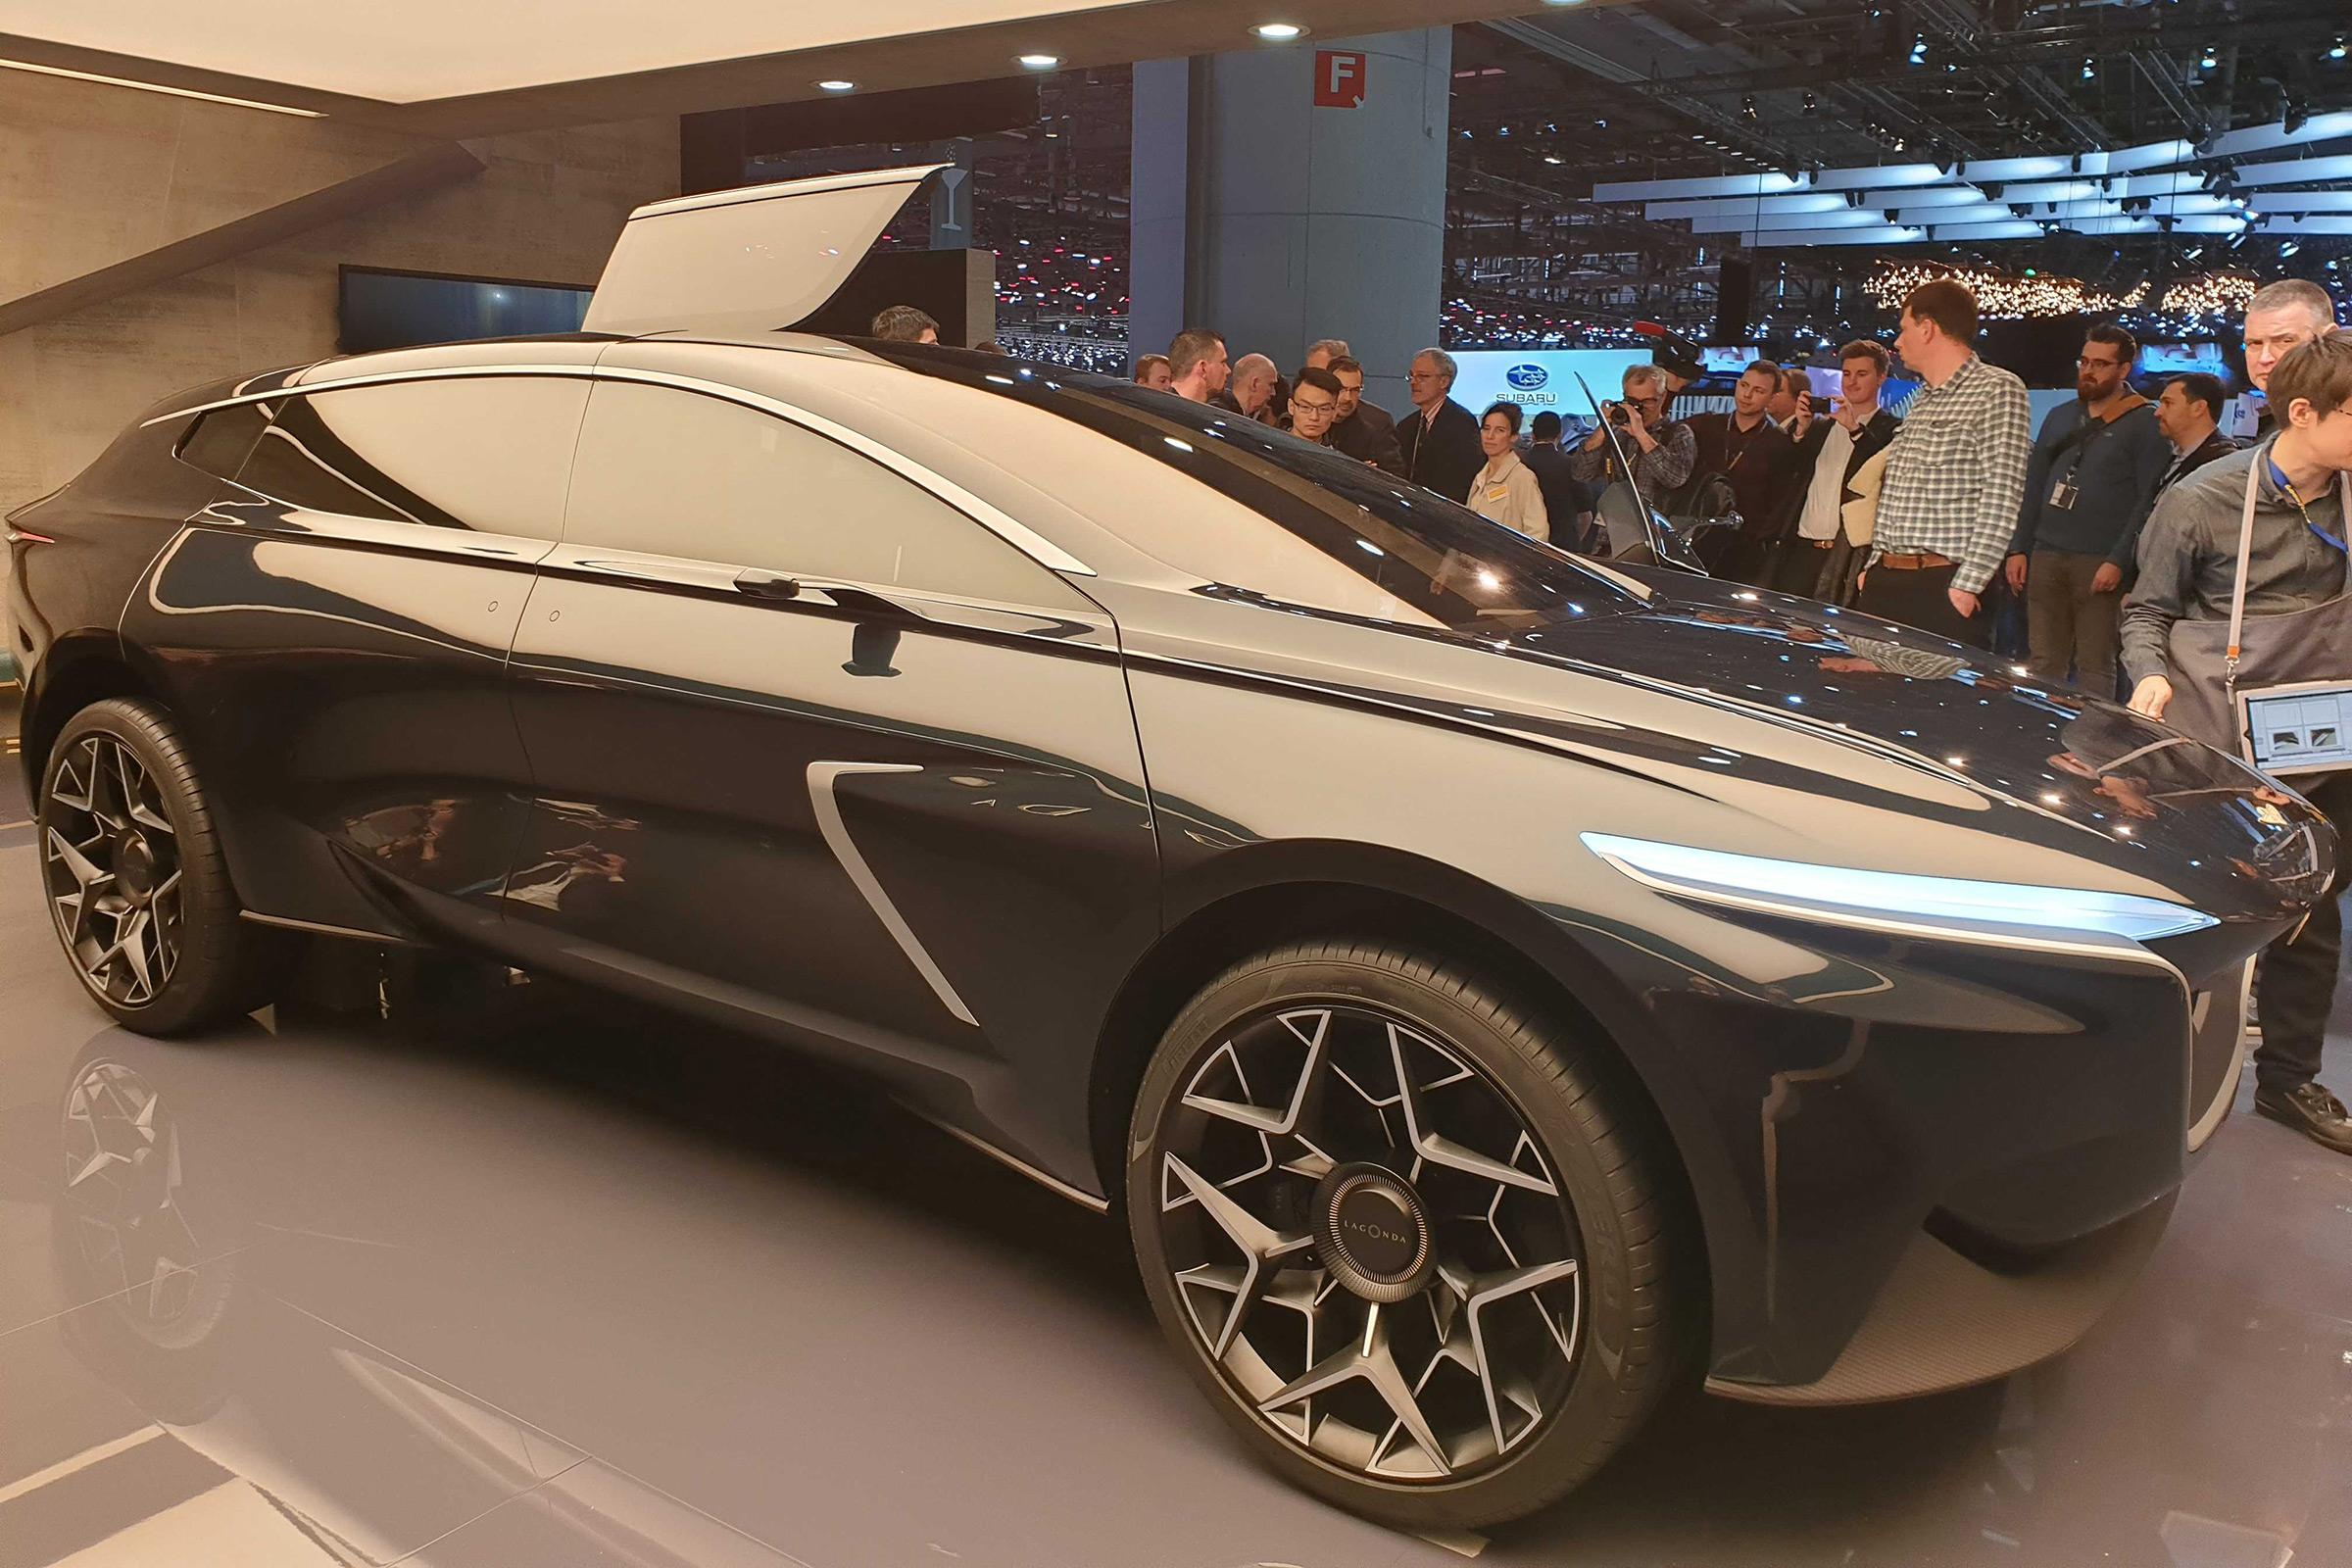 New Lagonda All Terrain Concept Previews 2022 Luxury Suv Auto Express